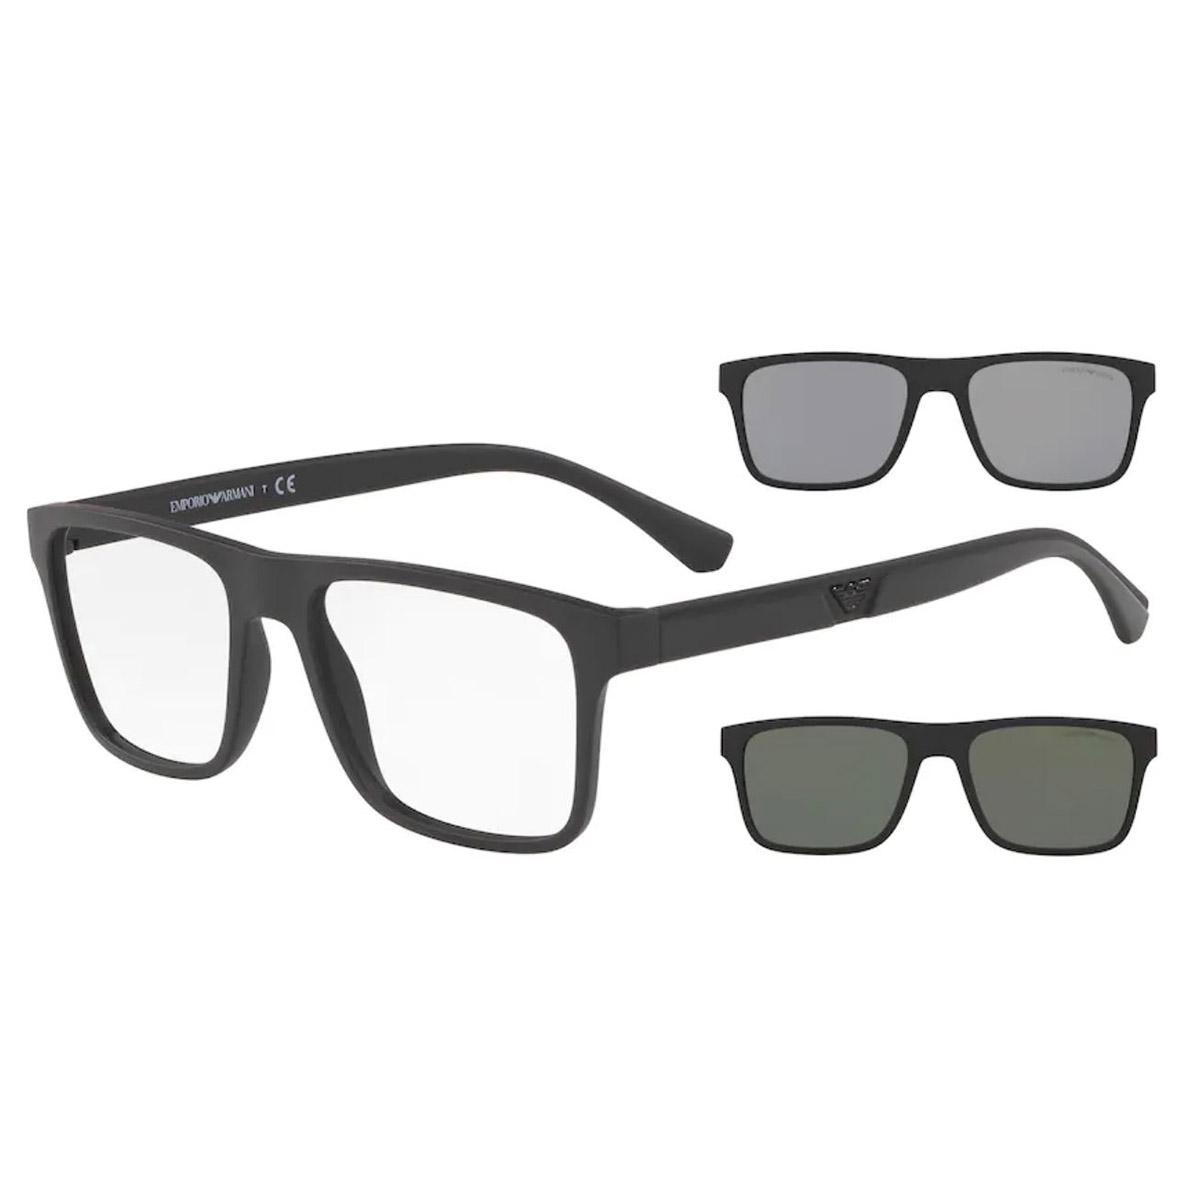 Óculos de Grau Empório Armani EA4115 Clipon Preto Fosco Masculino